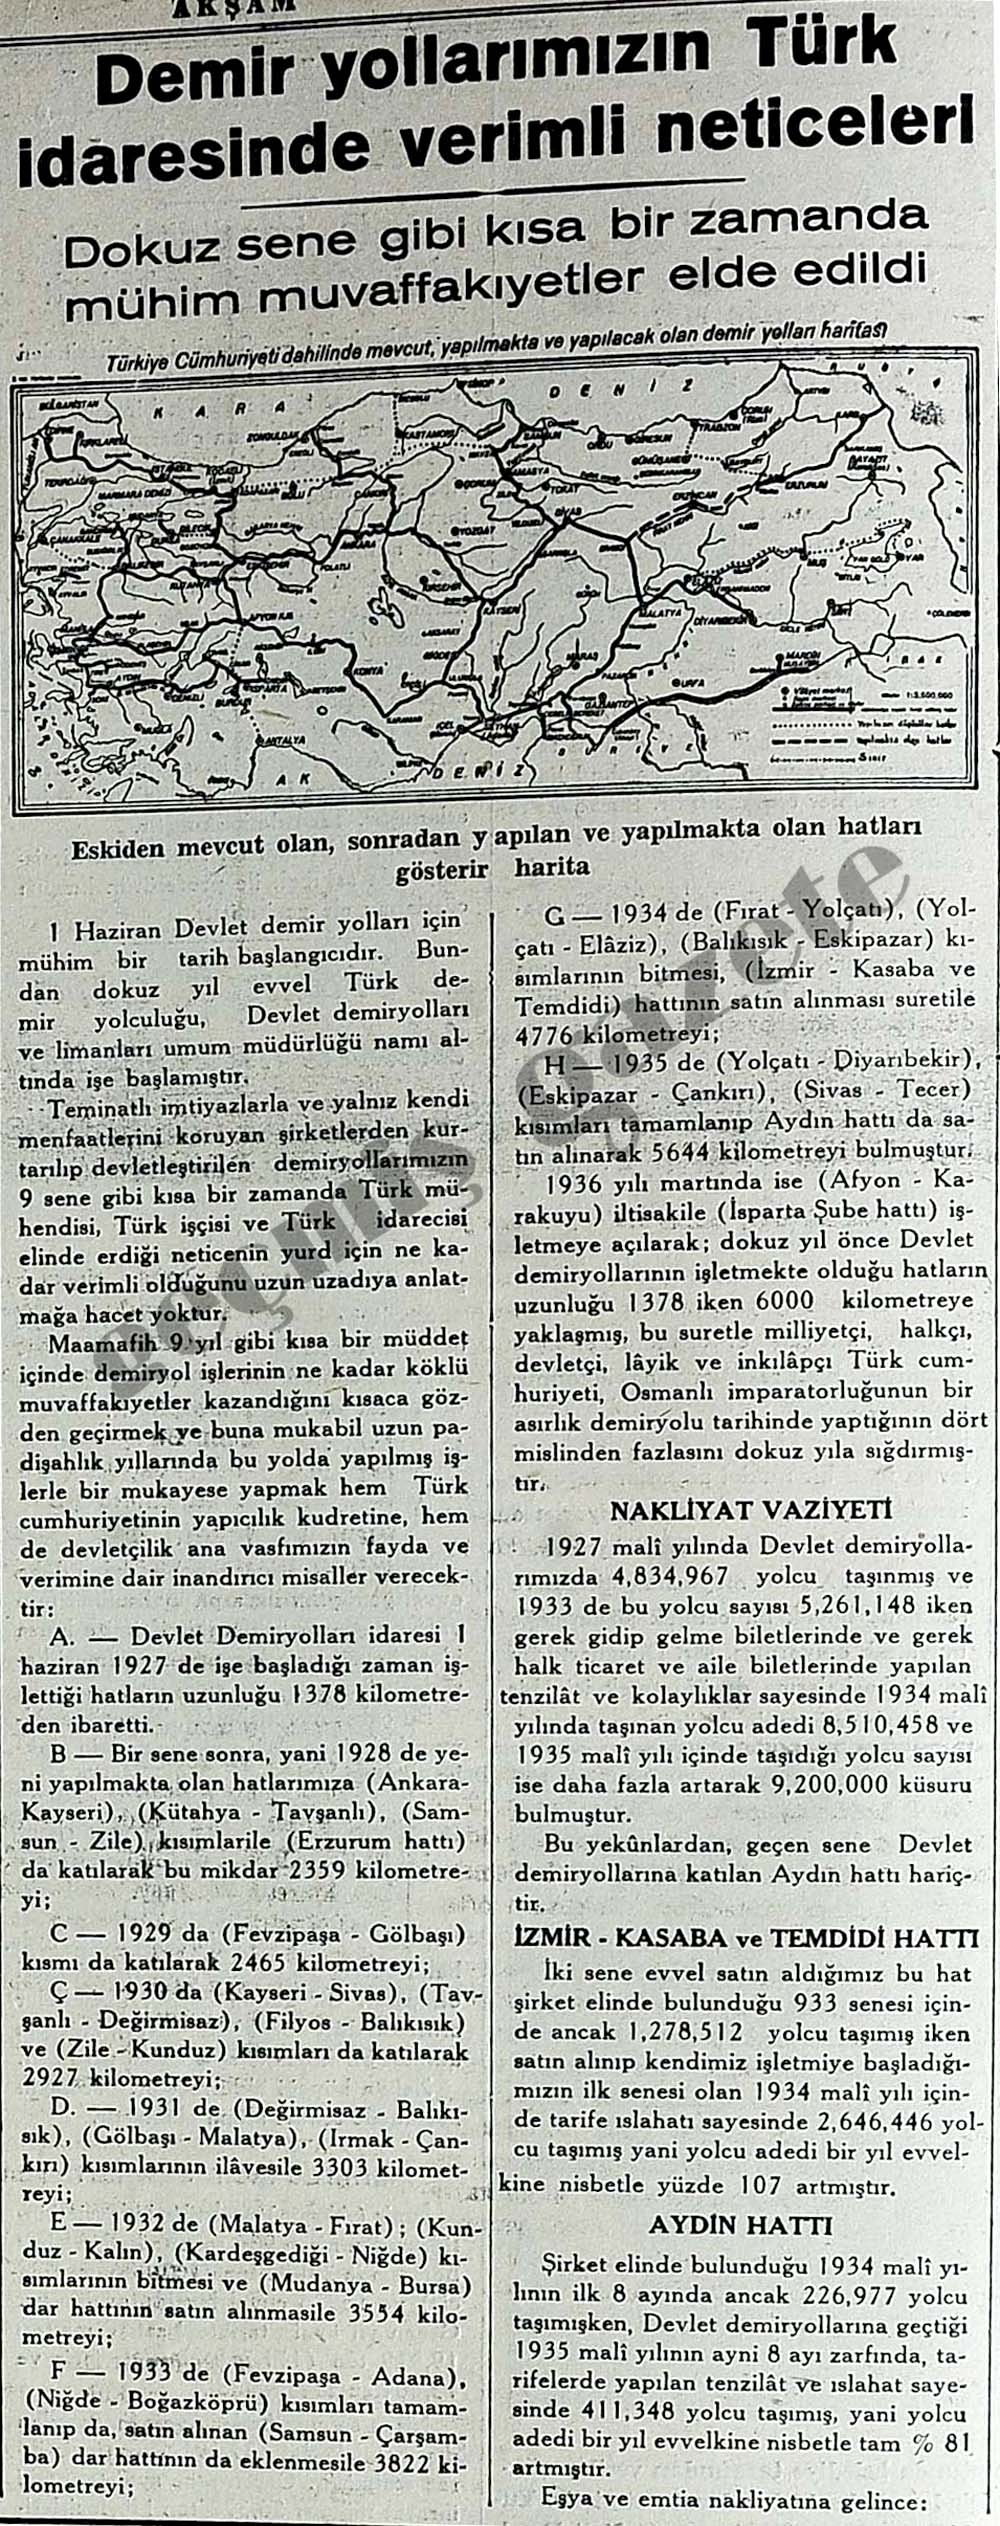 Demir yollarımızın Türk idaresinde verimli neticeleri